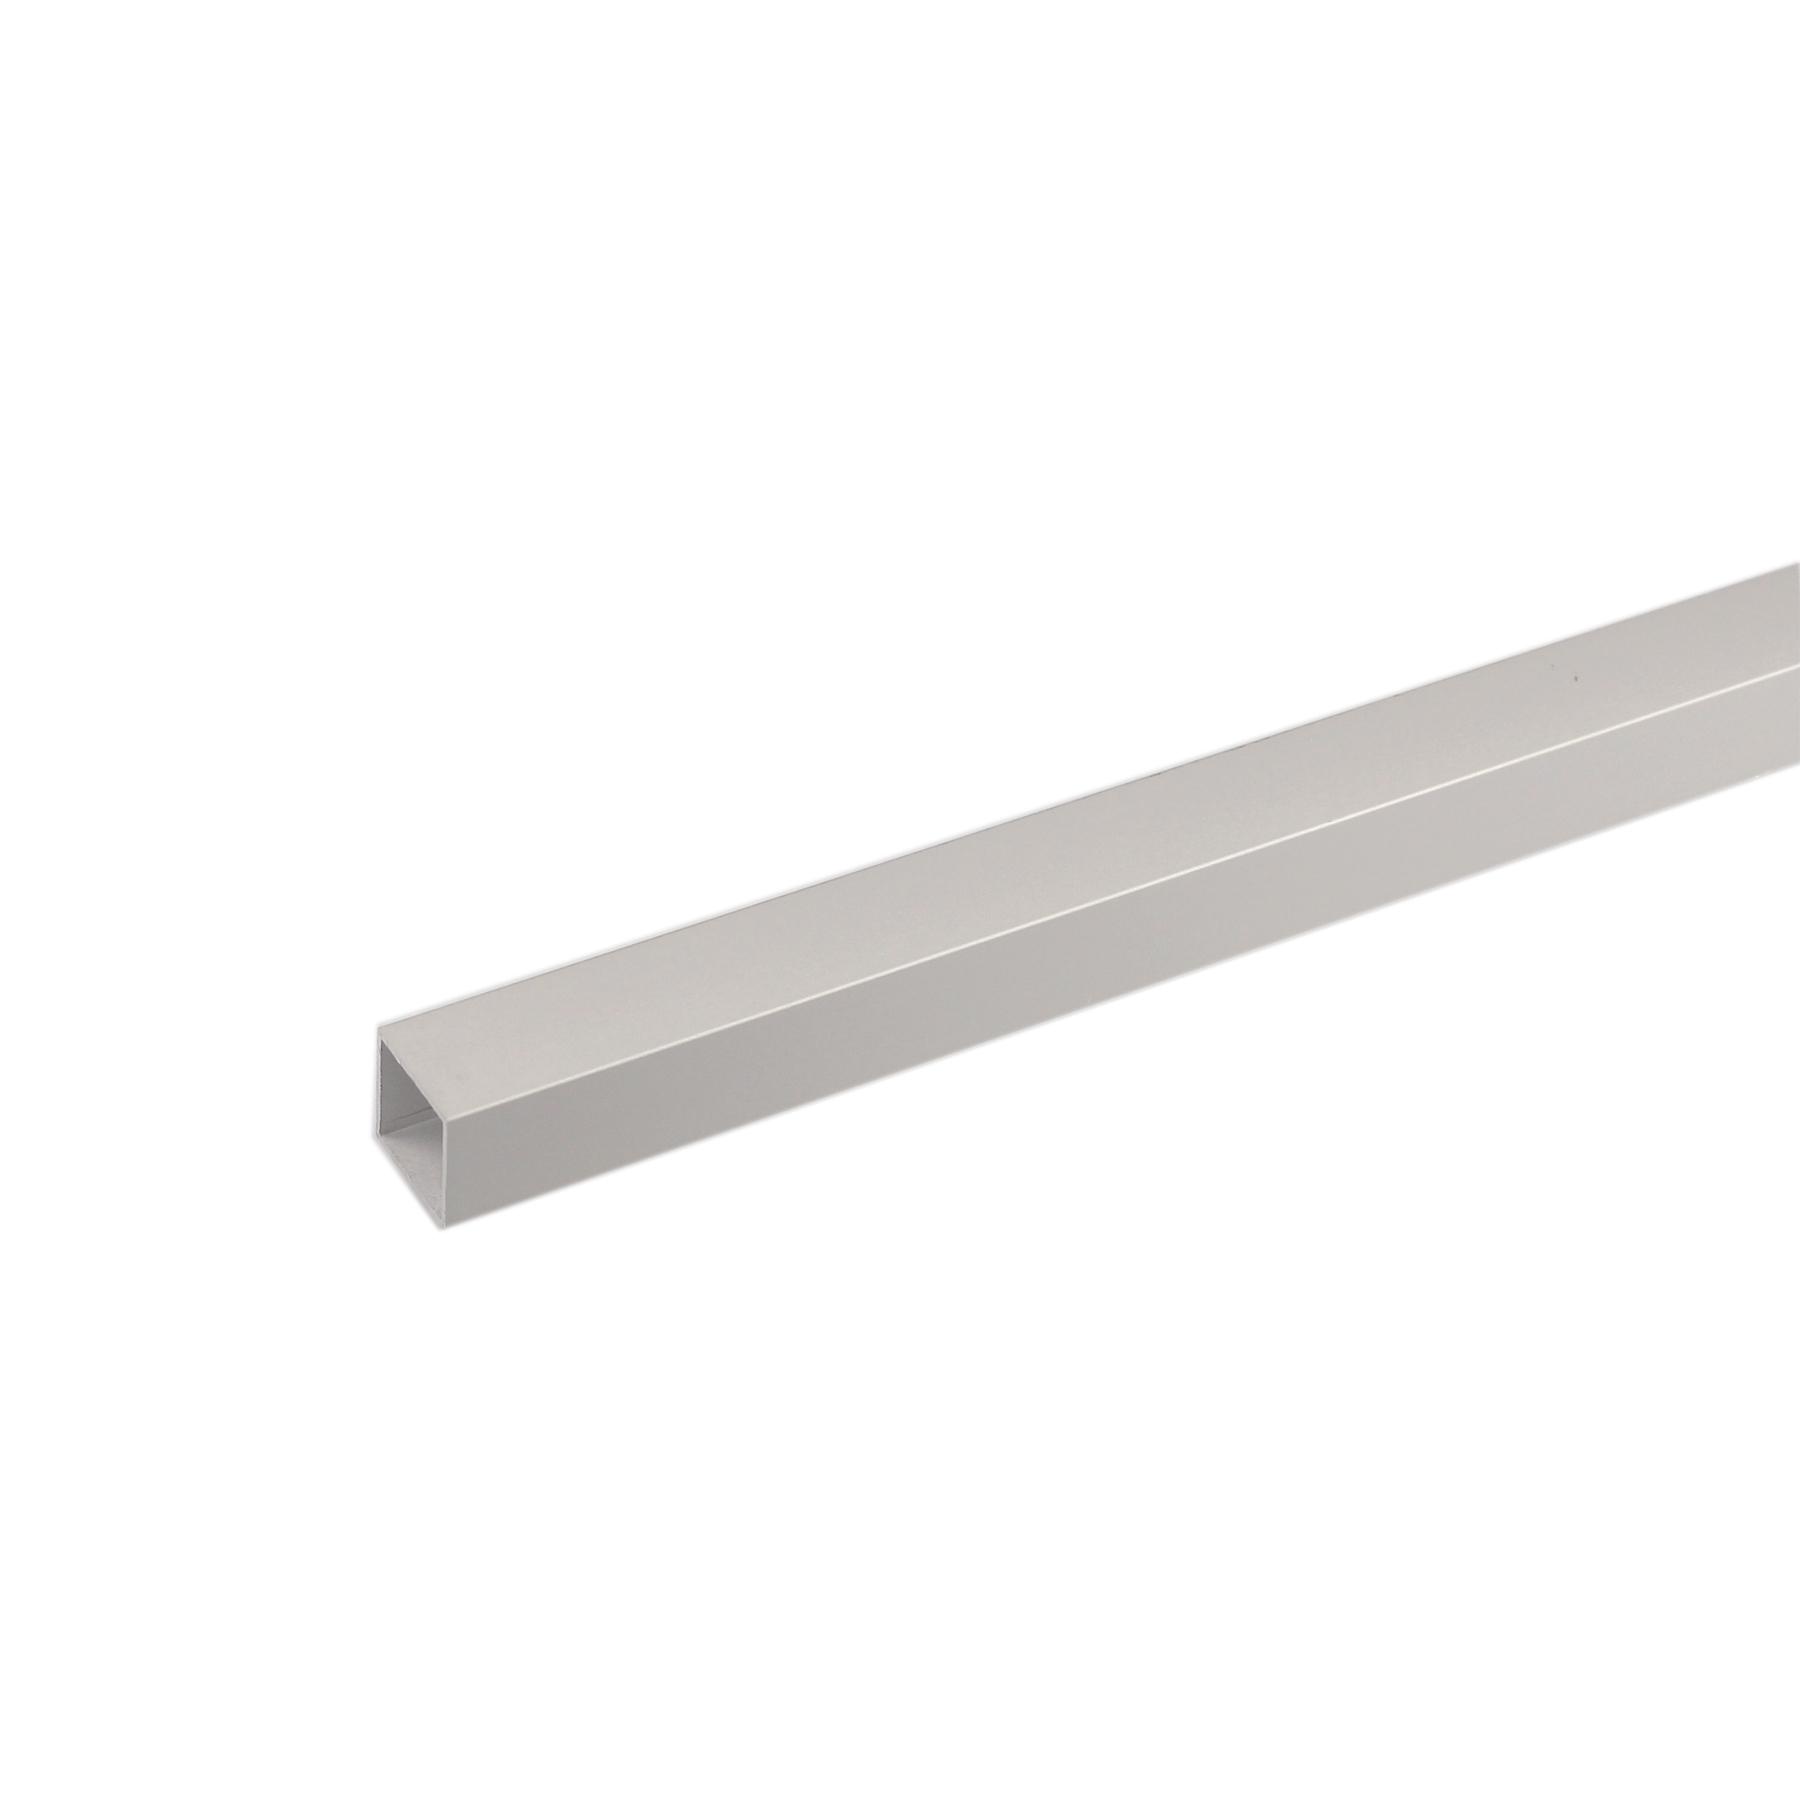 Tubo Quadrado Alumínio Anodizado 1mx20cm